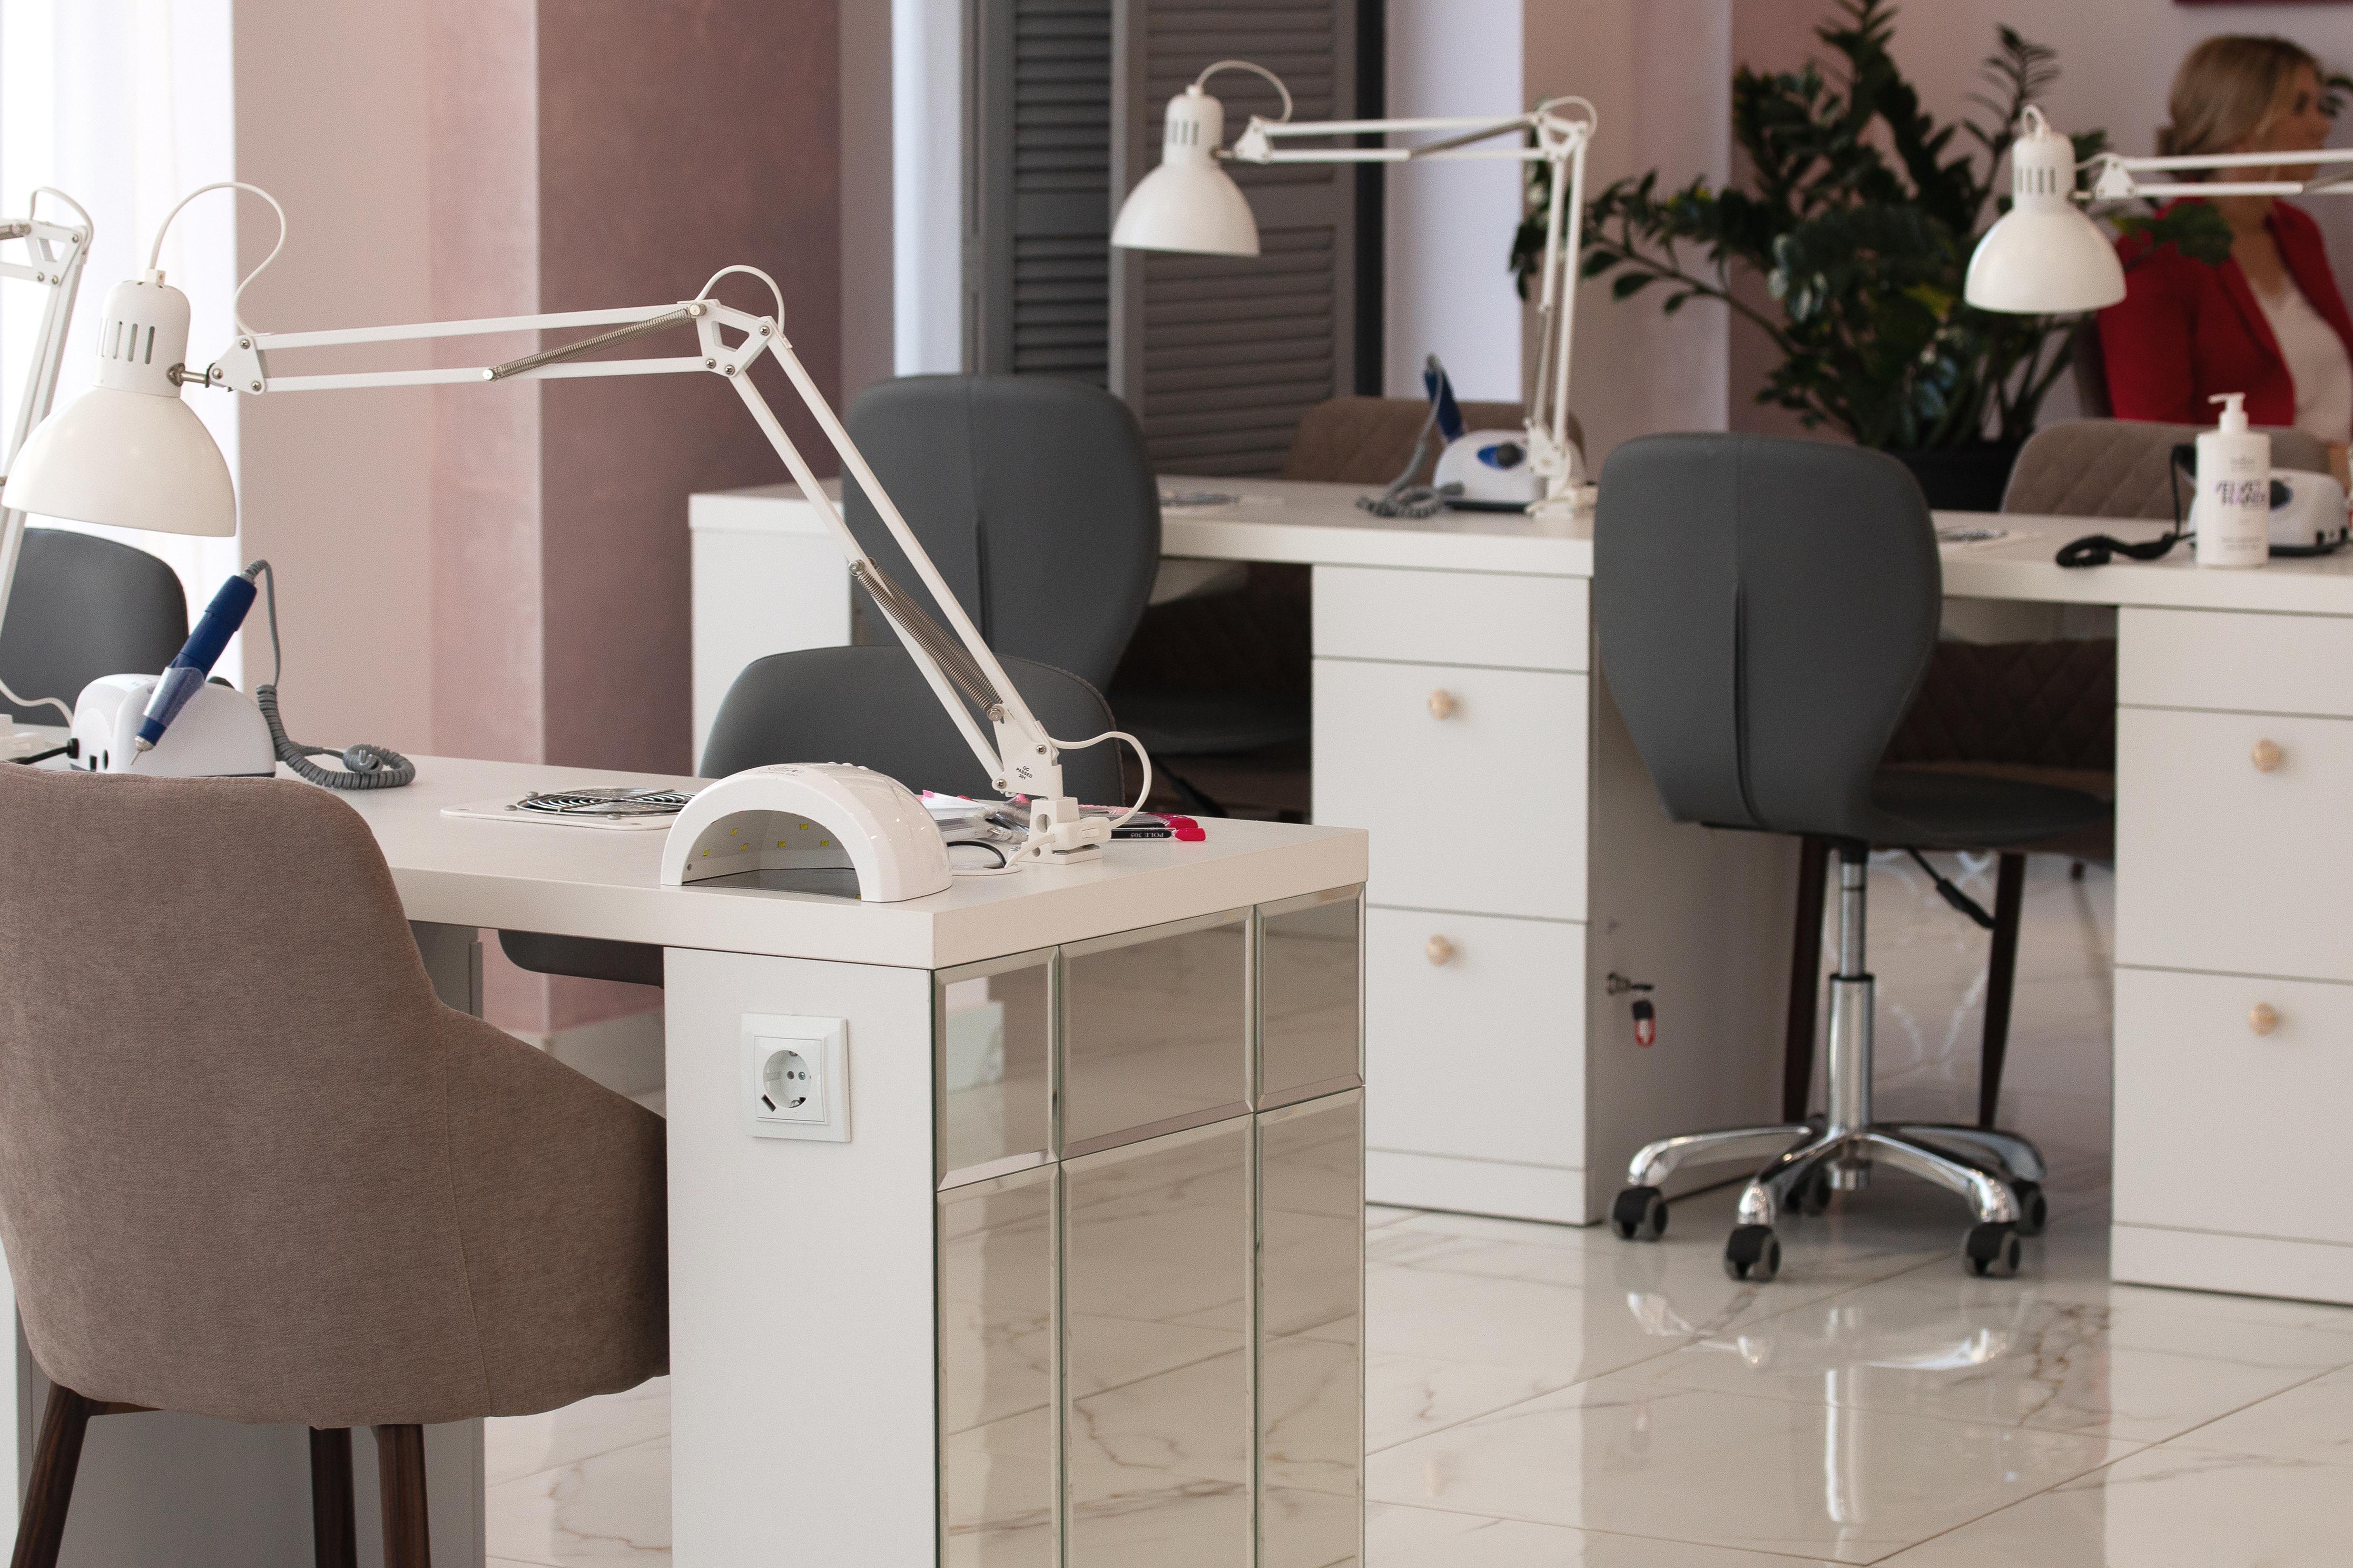 У нас в студиях рай для сотрудников и клиентов: интервью с Еленой Мироновой